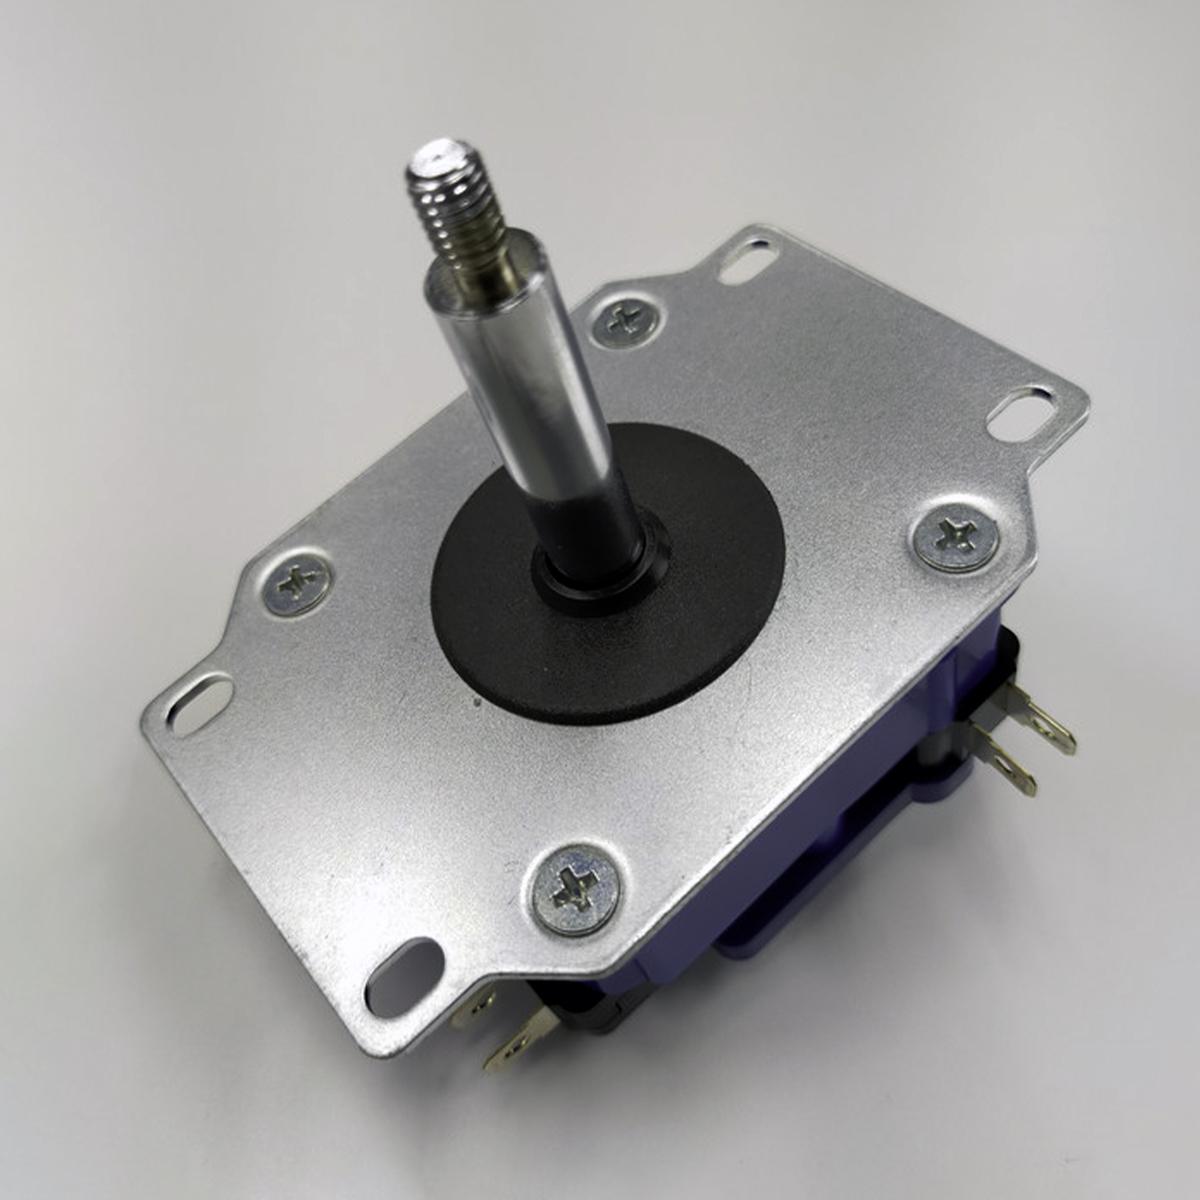 セイミツ工業の静音レバー セイミツ工業 LSQ-40 メーカー公式ショップ 3受注開始 7 静音ジョイスティック※2021 発売モデル